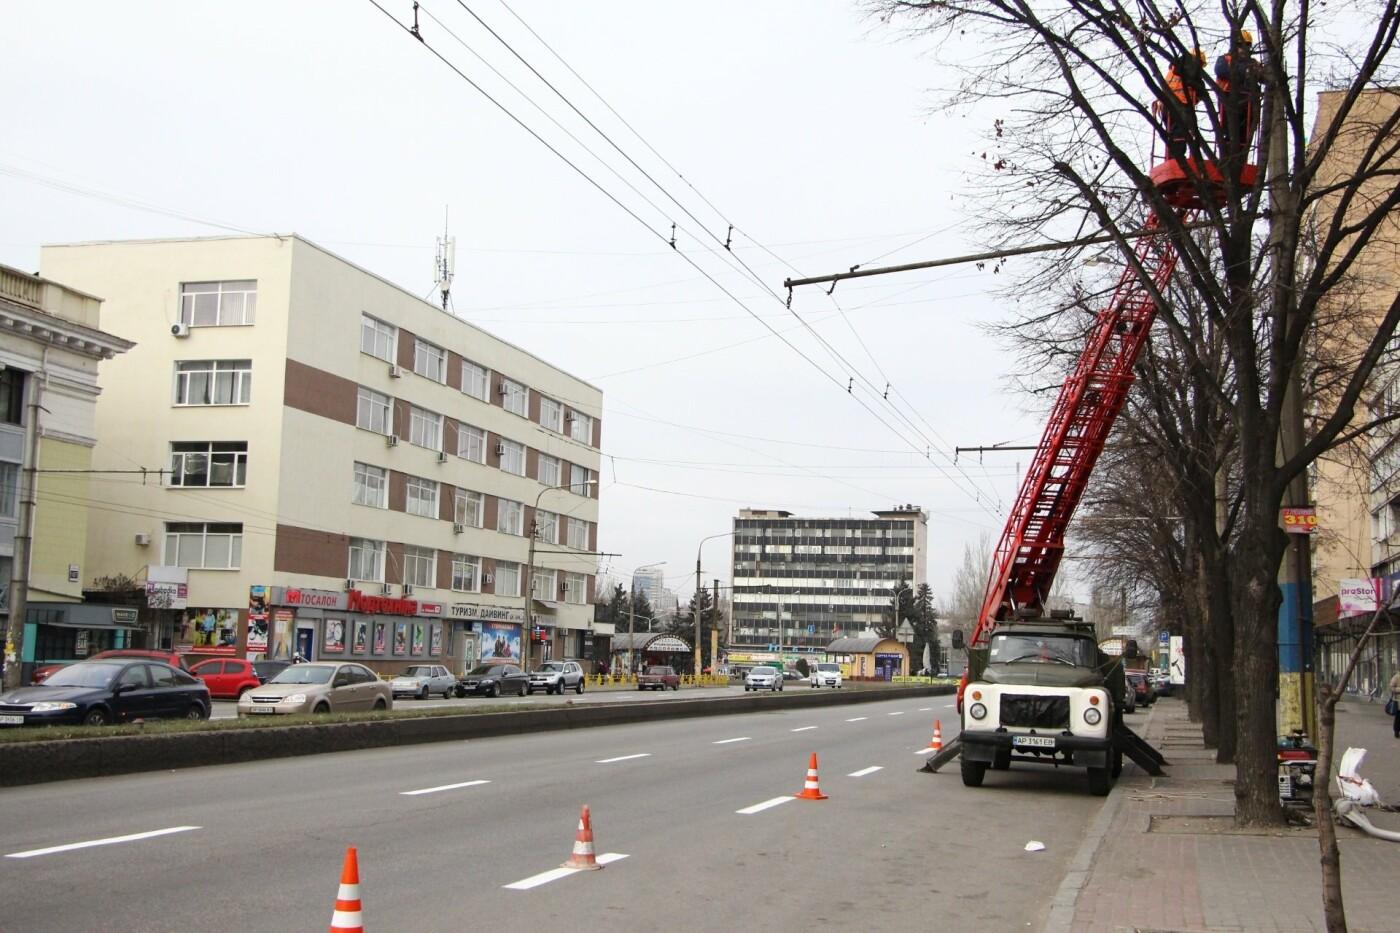 В Запорожье на главном проспекте меняют фонари на энергосберегающие, - ФОТО, фото-1